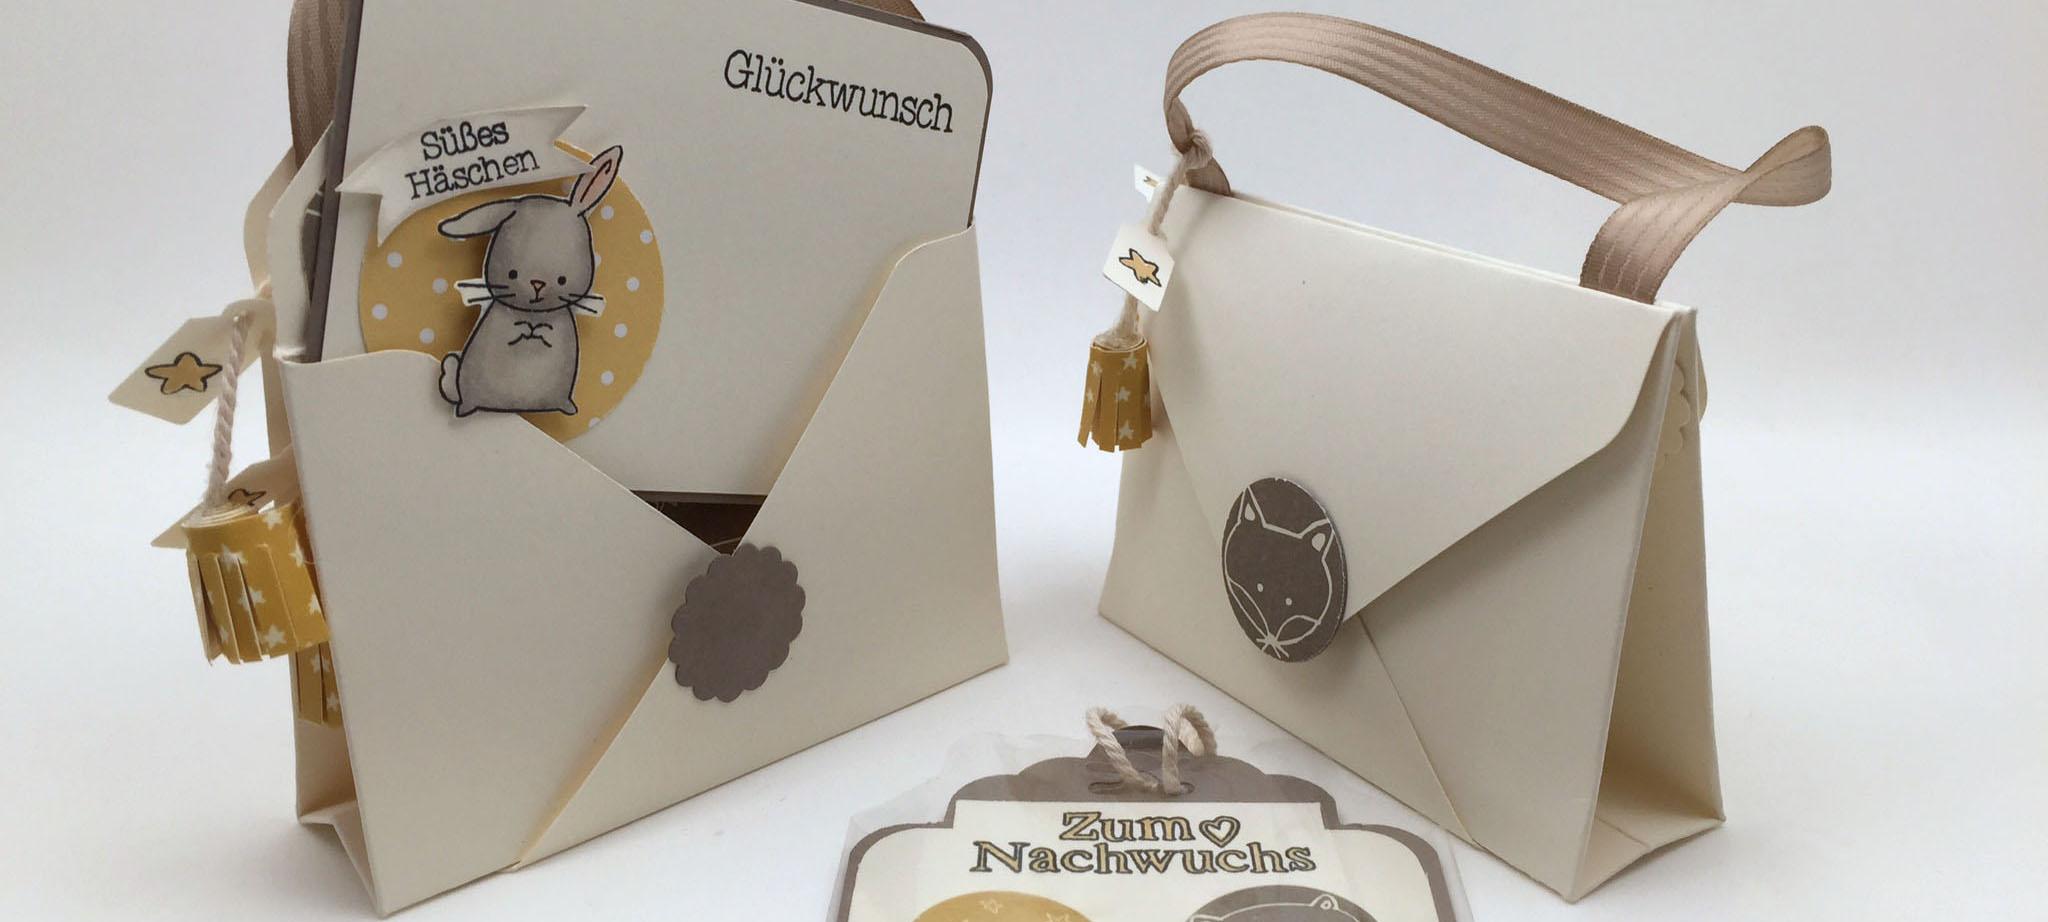 Stampin Up-Stempelherz-Double Pocket Card-Babykarte-Geschenkidee Geburt-Zum Nachwuchs-Double Pocket Card Zum Nachwuchs Beitragsbild